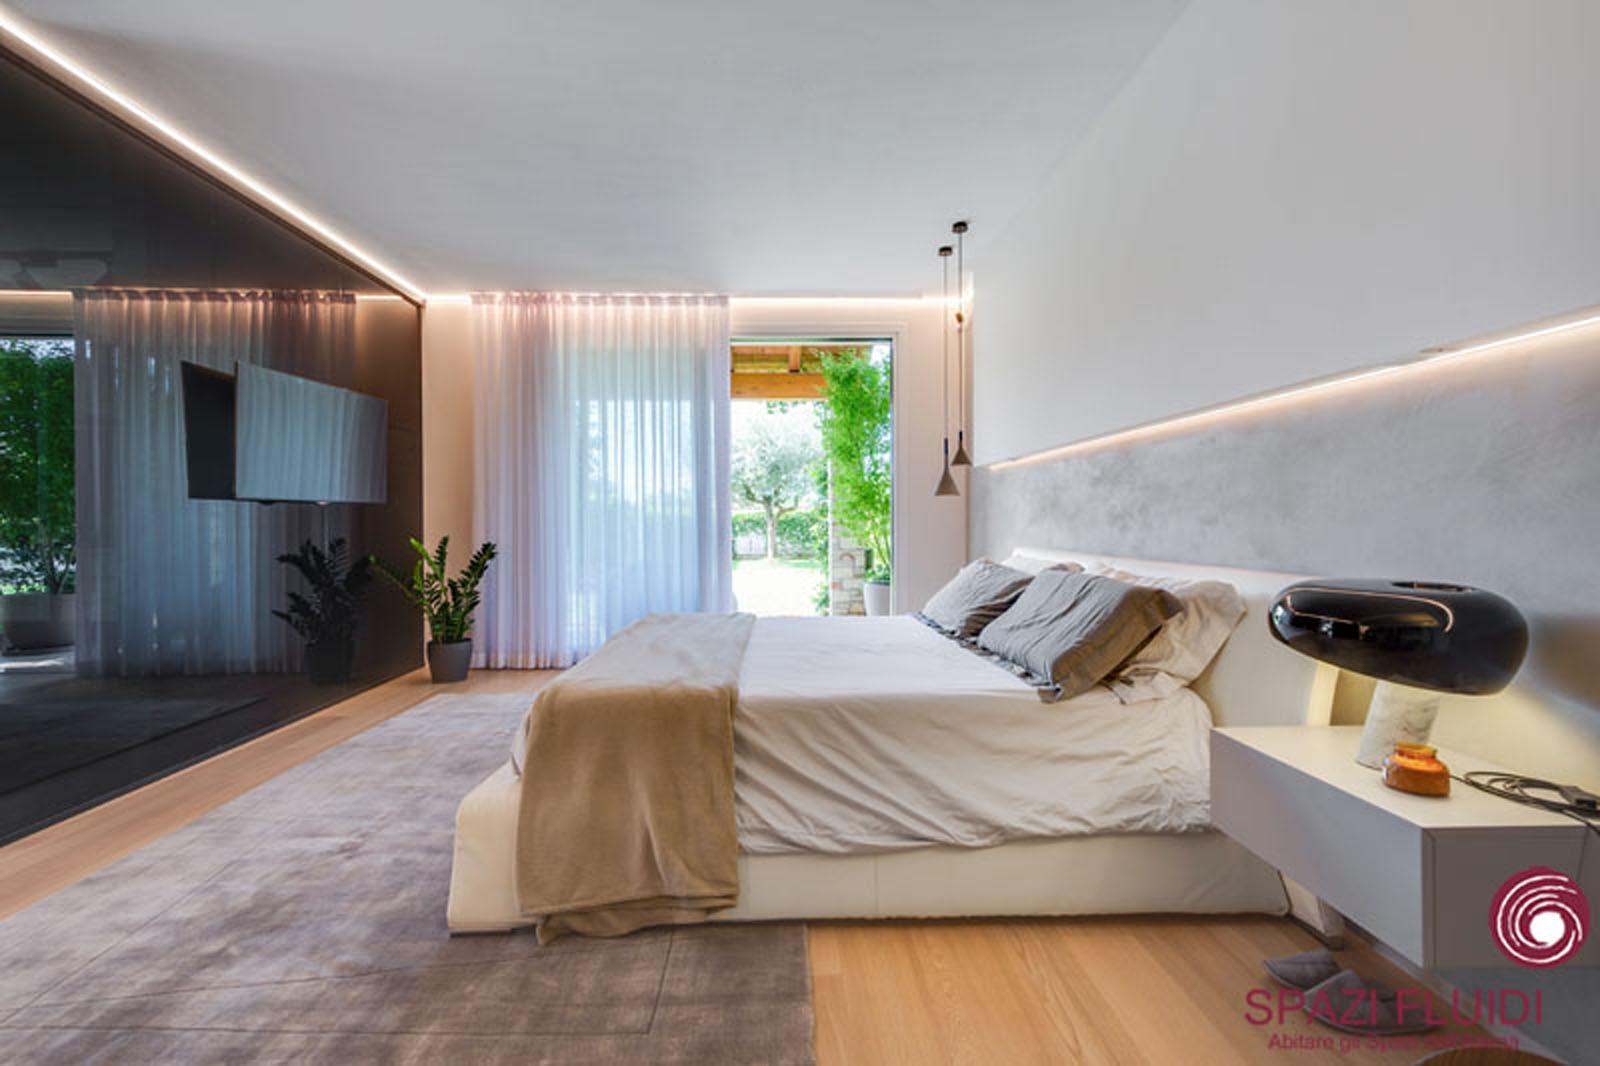 Arredare la camera con il feng shui: regole per l'orientamento del letto